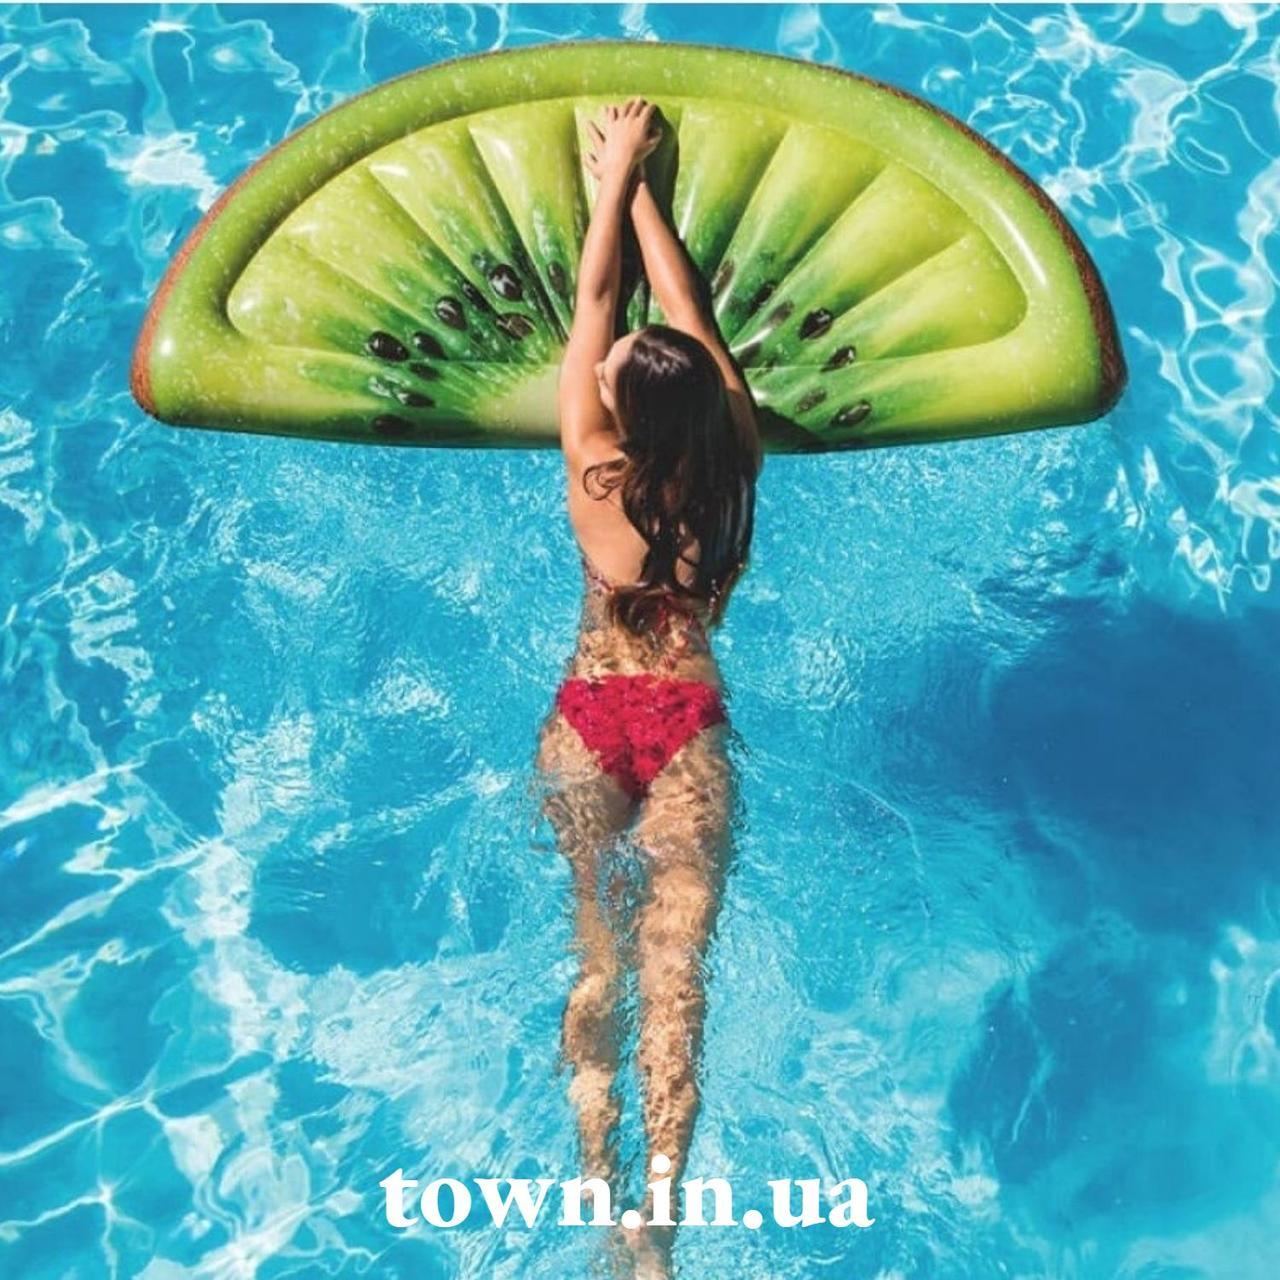 Пляжный надувной матрас intex ДОЛЬКА КИВИ 178x85 см для бассейна и плавания 58764